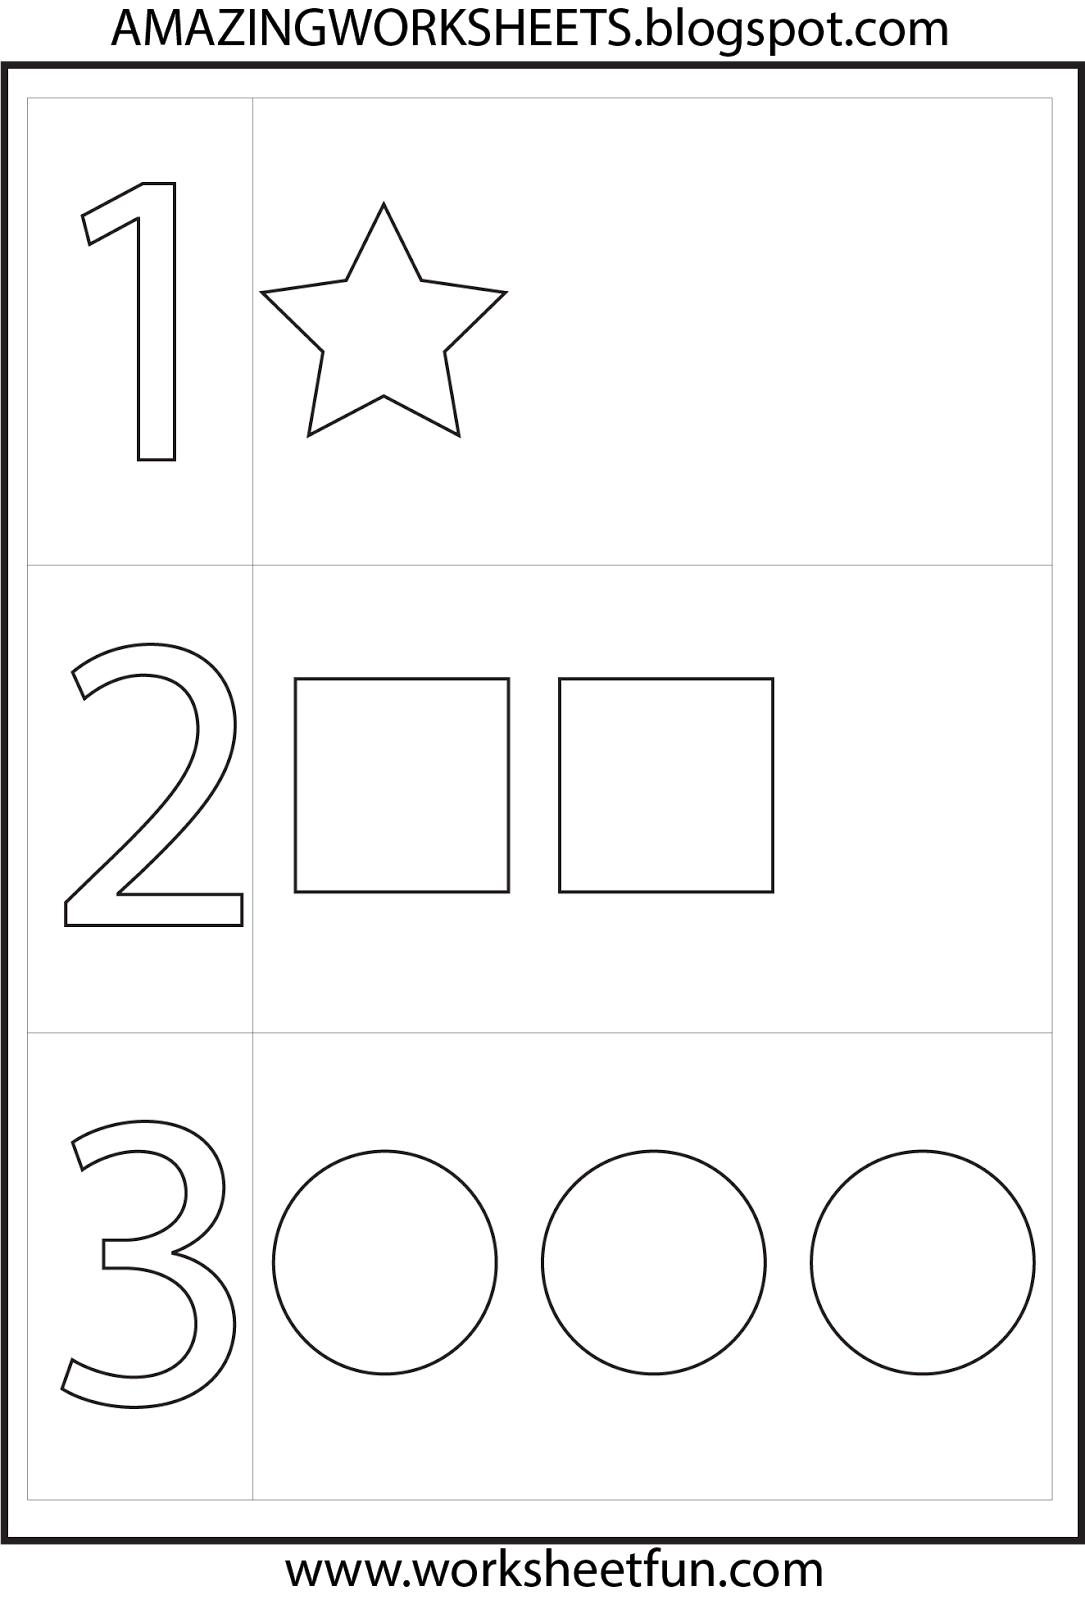 small resolution of Worksheetfun - FREE PRINTABLE WORKSHEETS   Numbers preschool